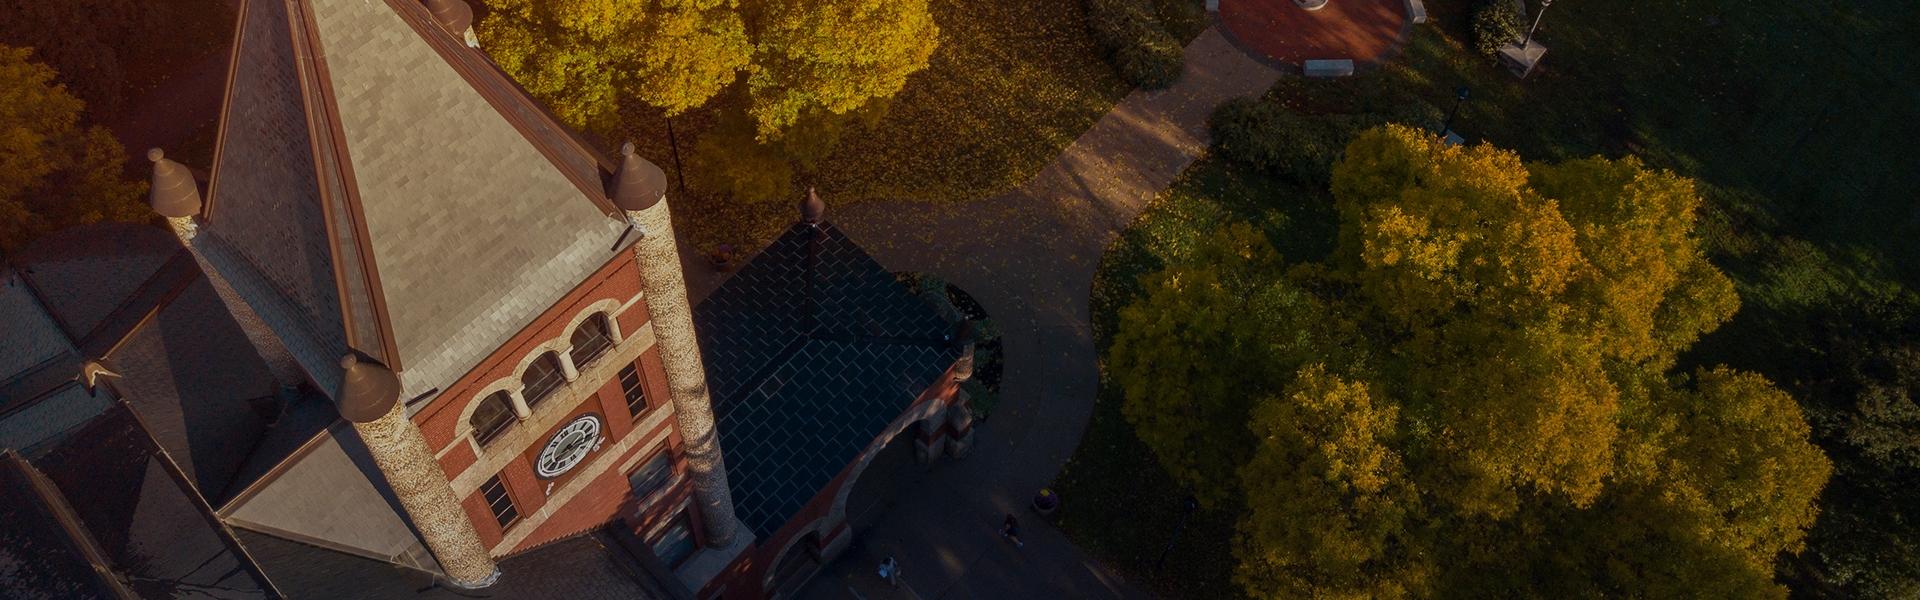 T-Hall aerial